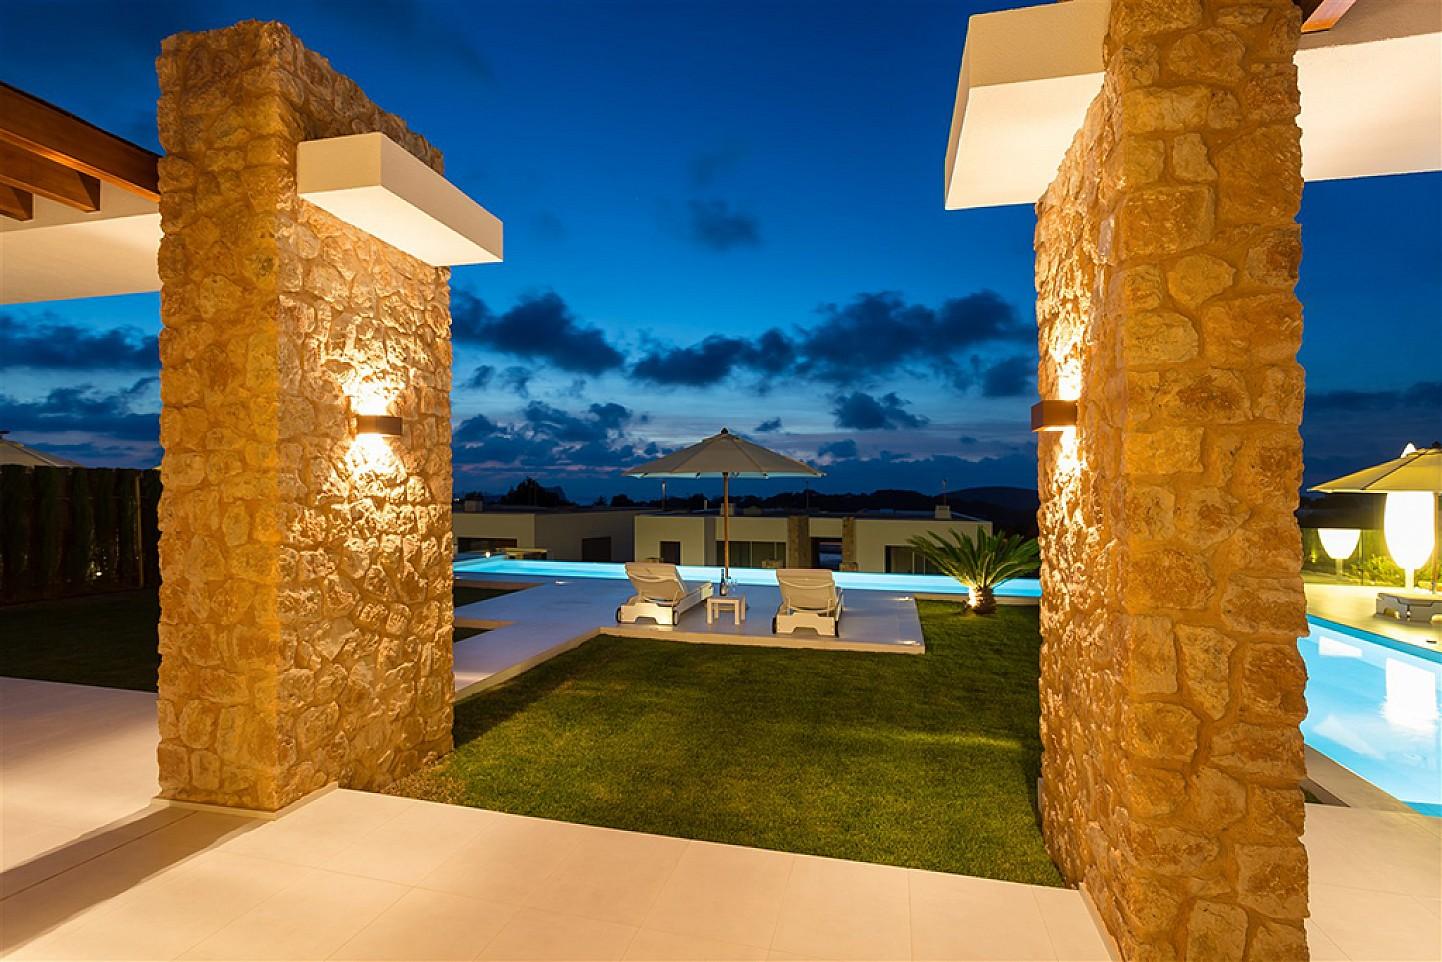 Buena iluminación nocturna de los exteriores de la villa